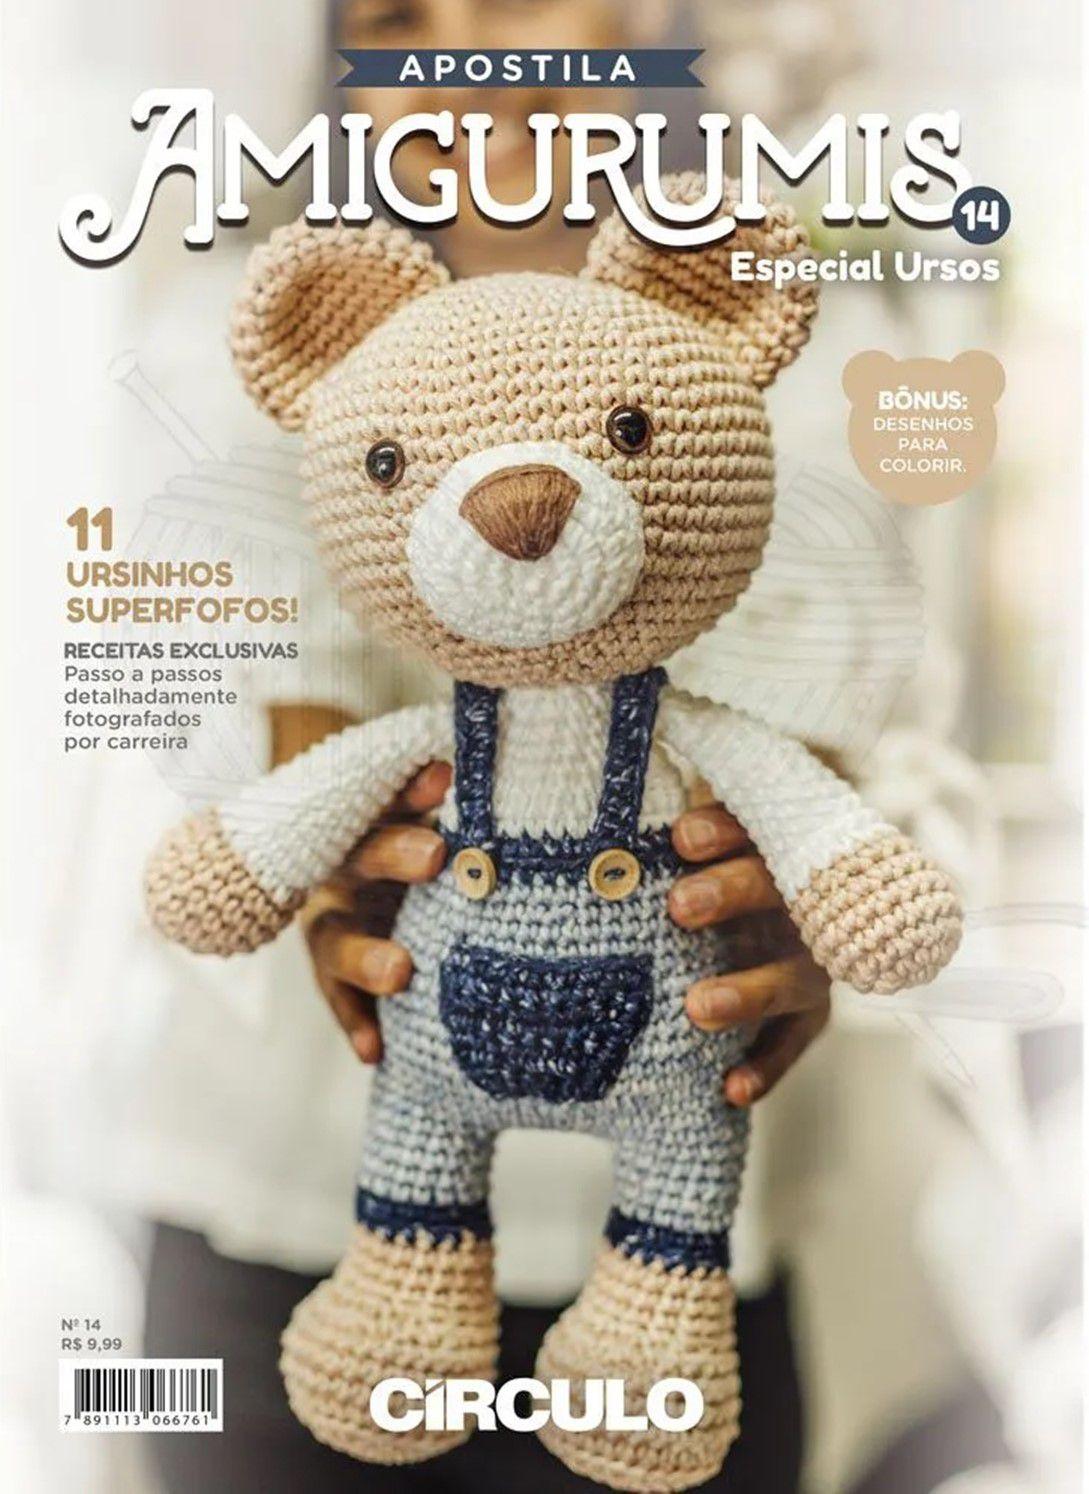 Apostila Círculo Amigurumis N° 14 - Especial Ursos